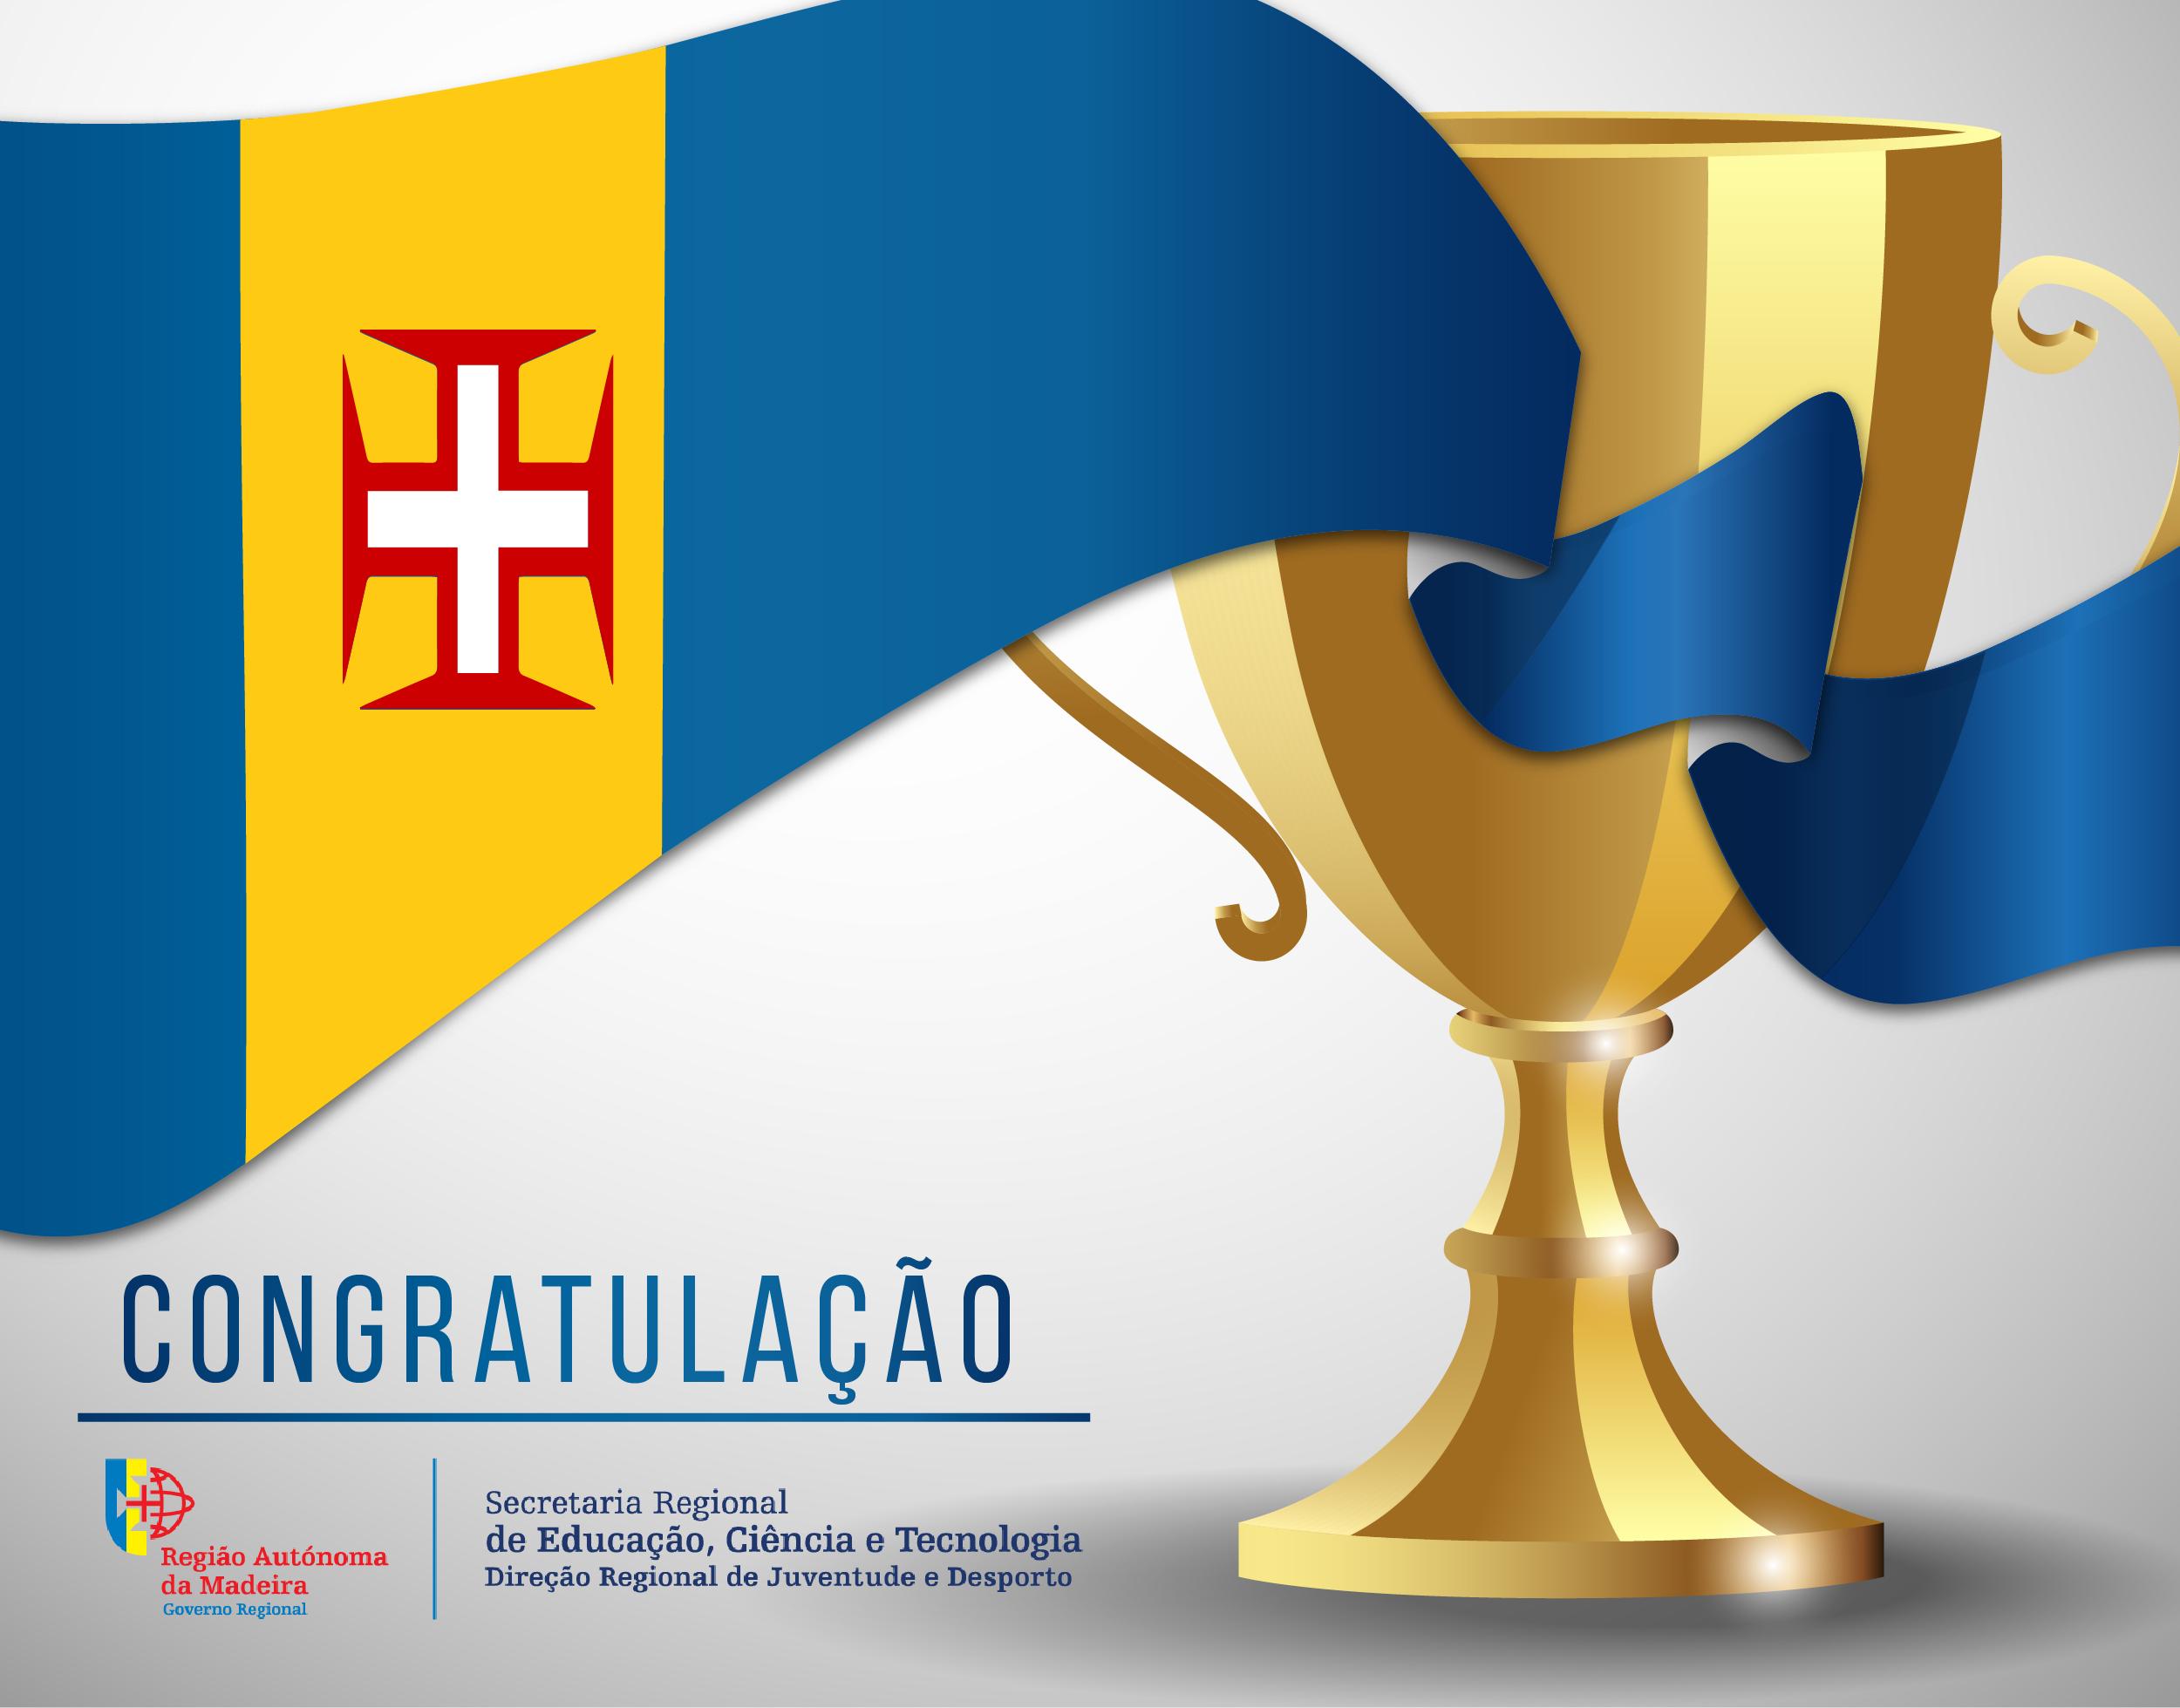 Congratulação – Bernardo Pereira (Clube Naval da Calheta)